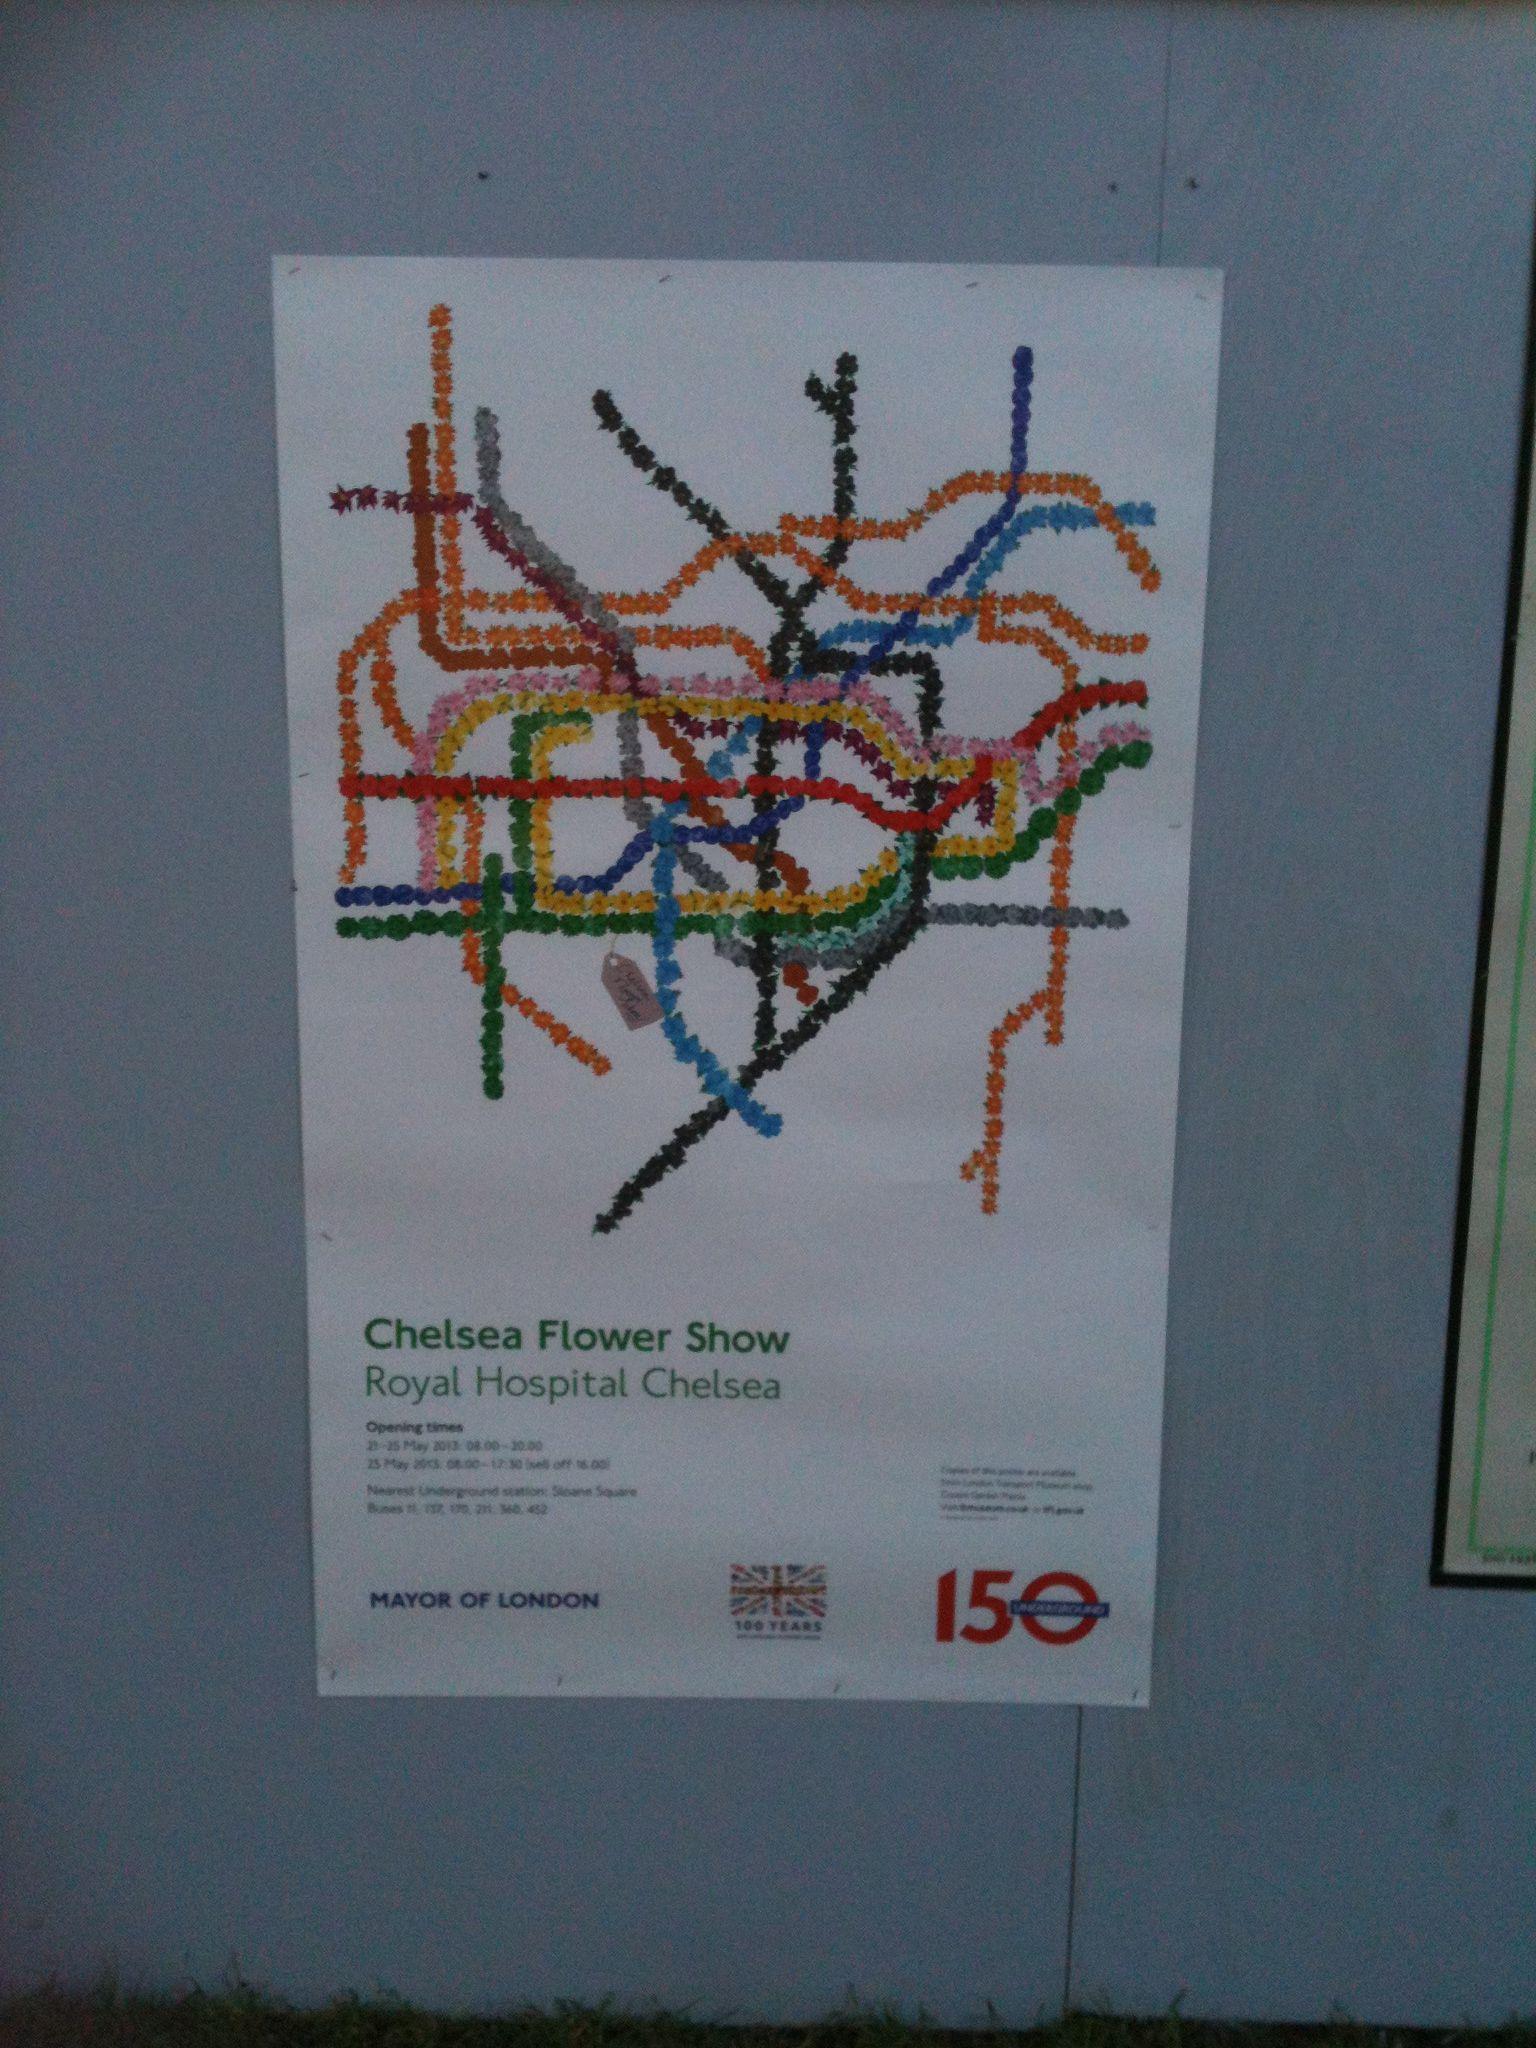 Chelsea flower show poster